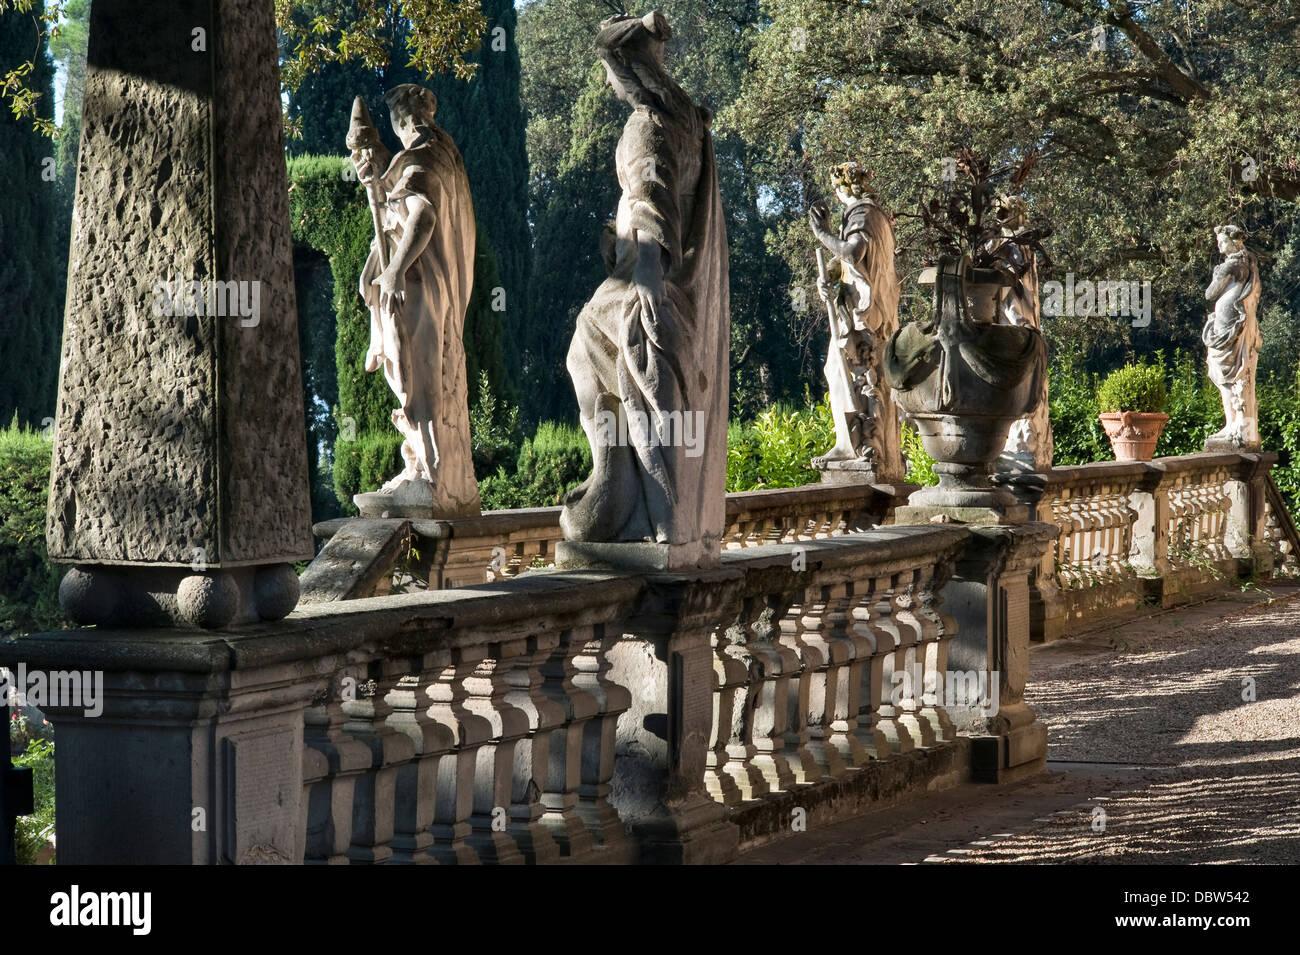 Le Statue Sulla Terrazza Di Villa La Pietra Firenze Italia